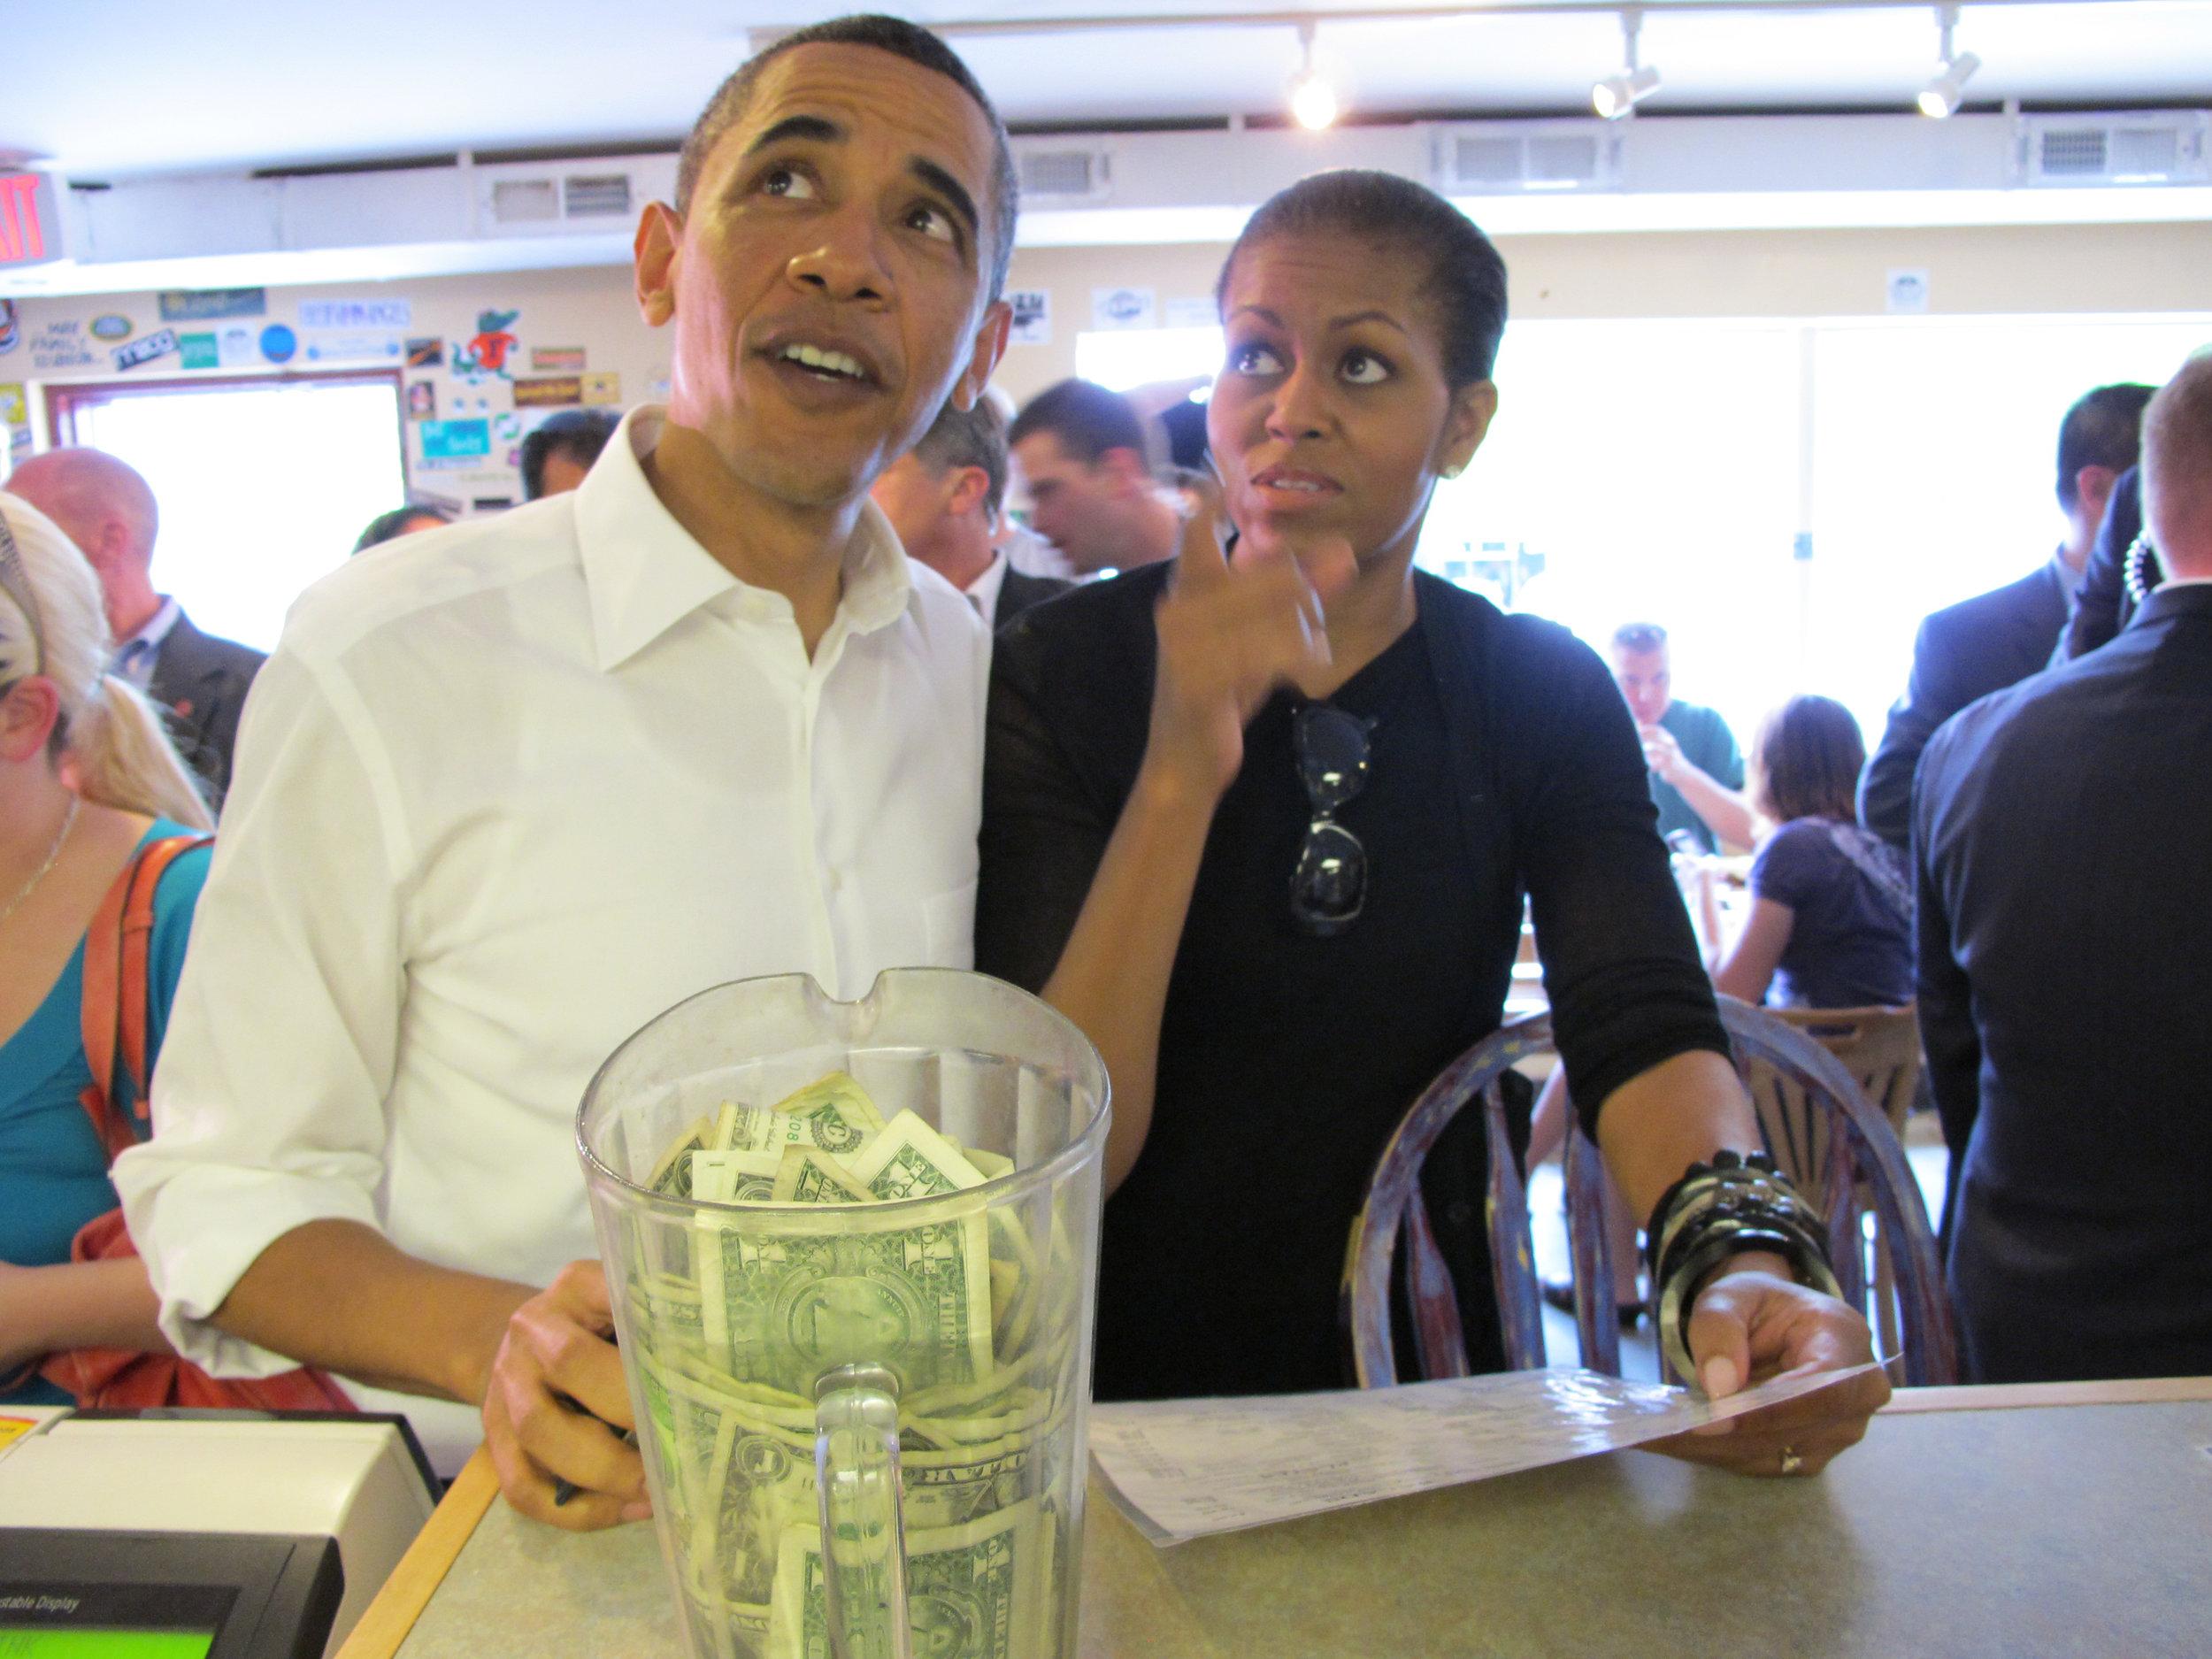 President & Michelle Obama @ 12 Bones 4-23-10 photo by Pattiy Torno.jpg